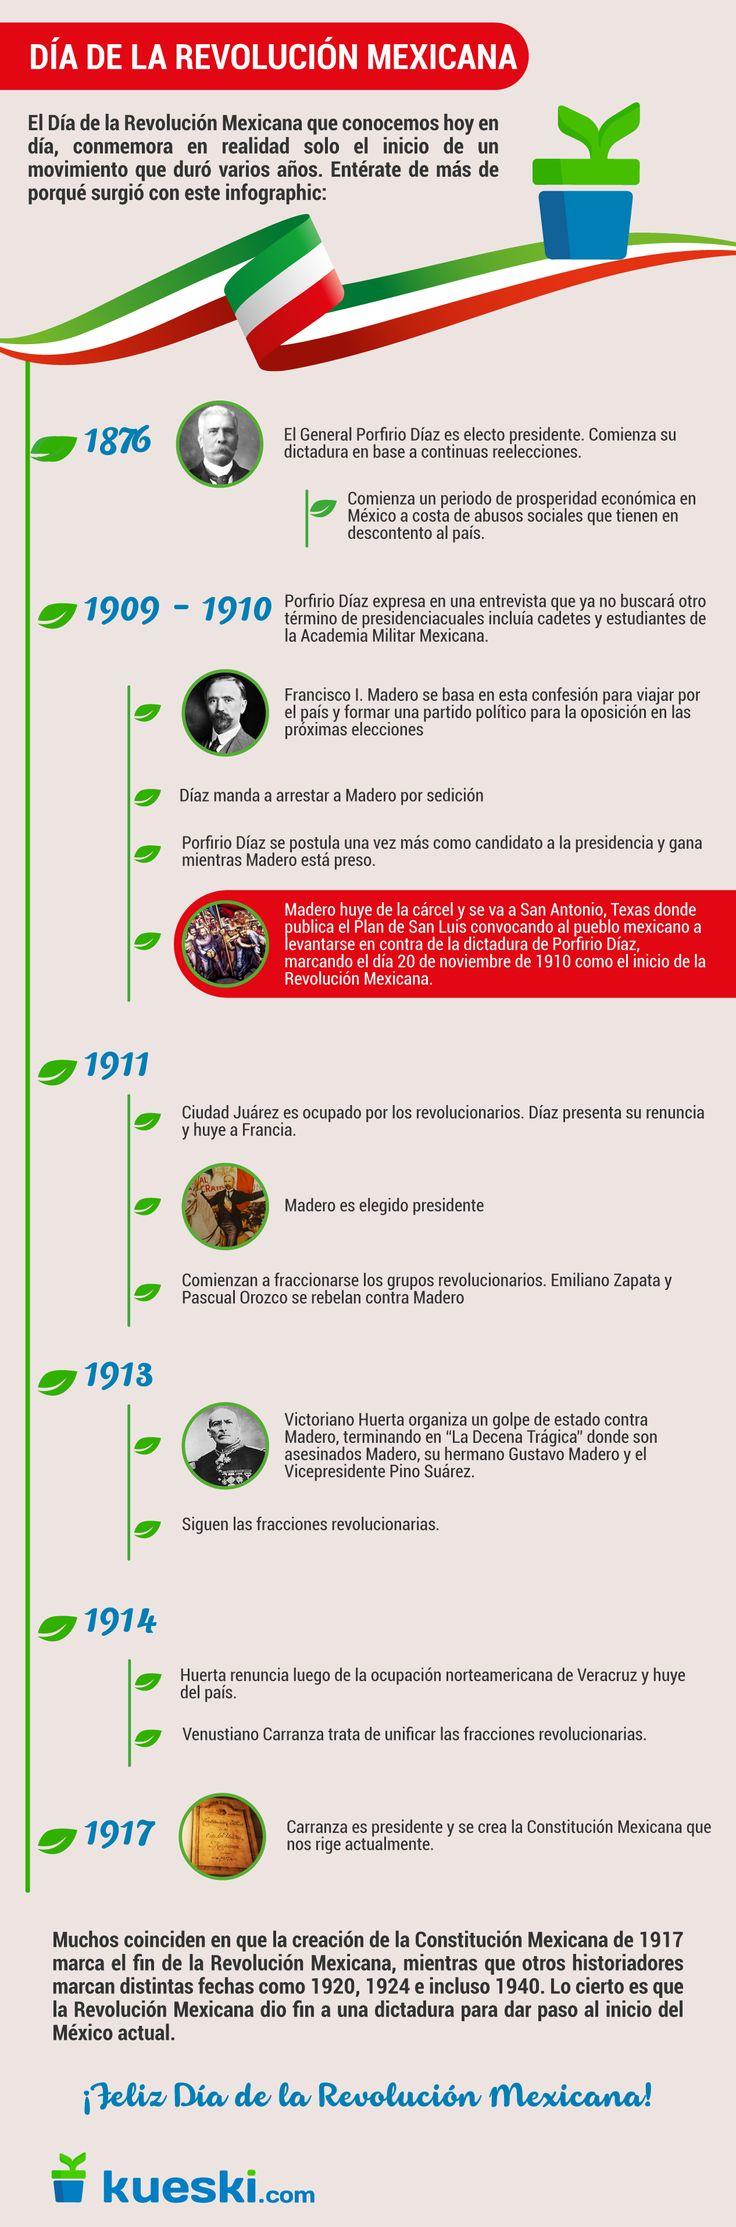 [INFOGRAFÍA] Disfruta de tu día libre y aprende más sobre la #RevoluciónMexicana